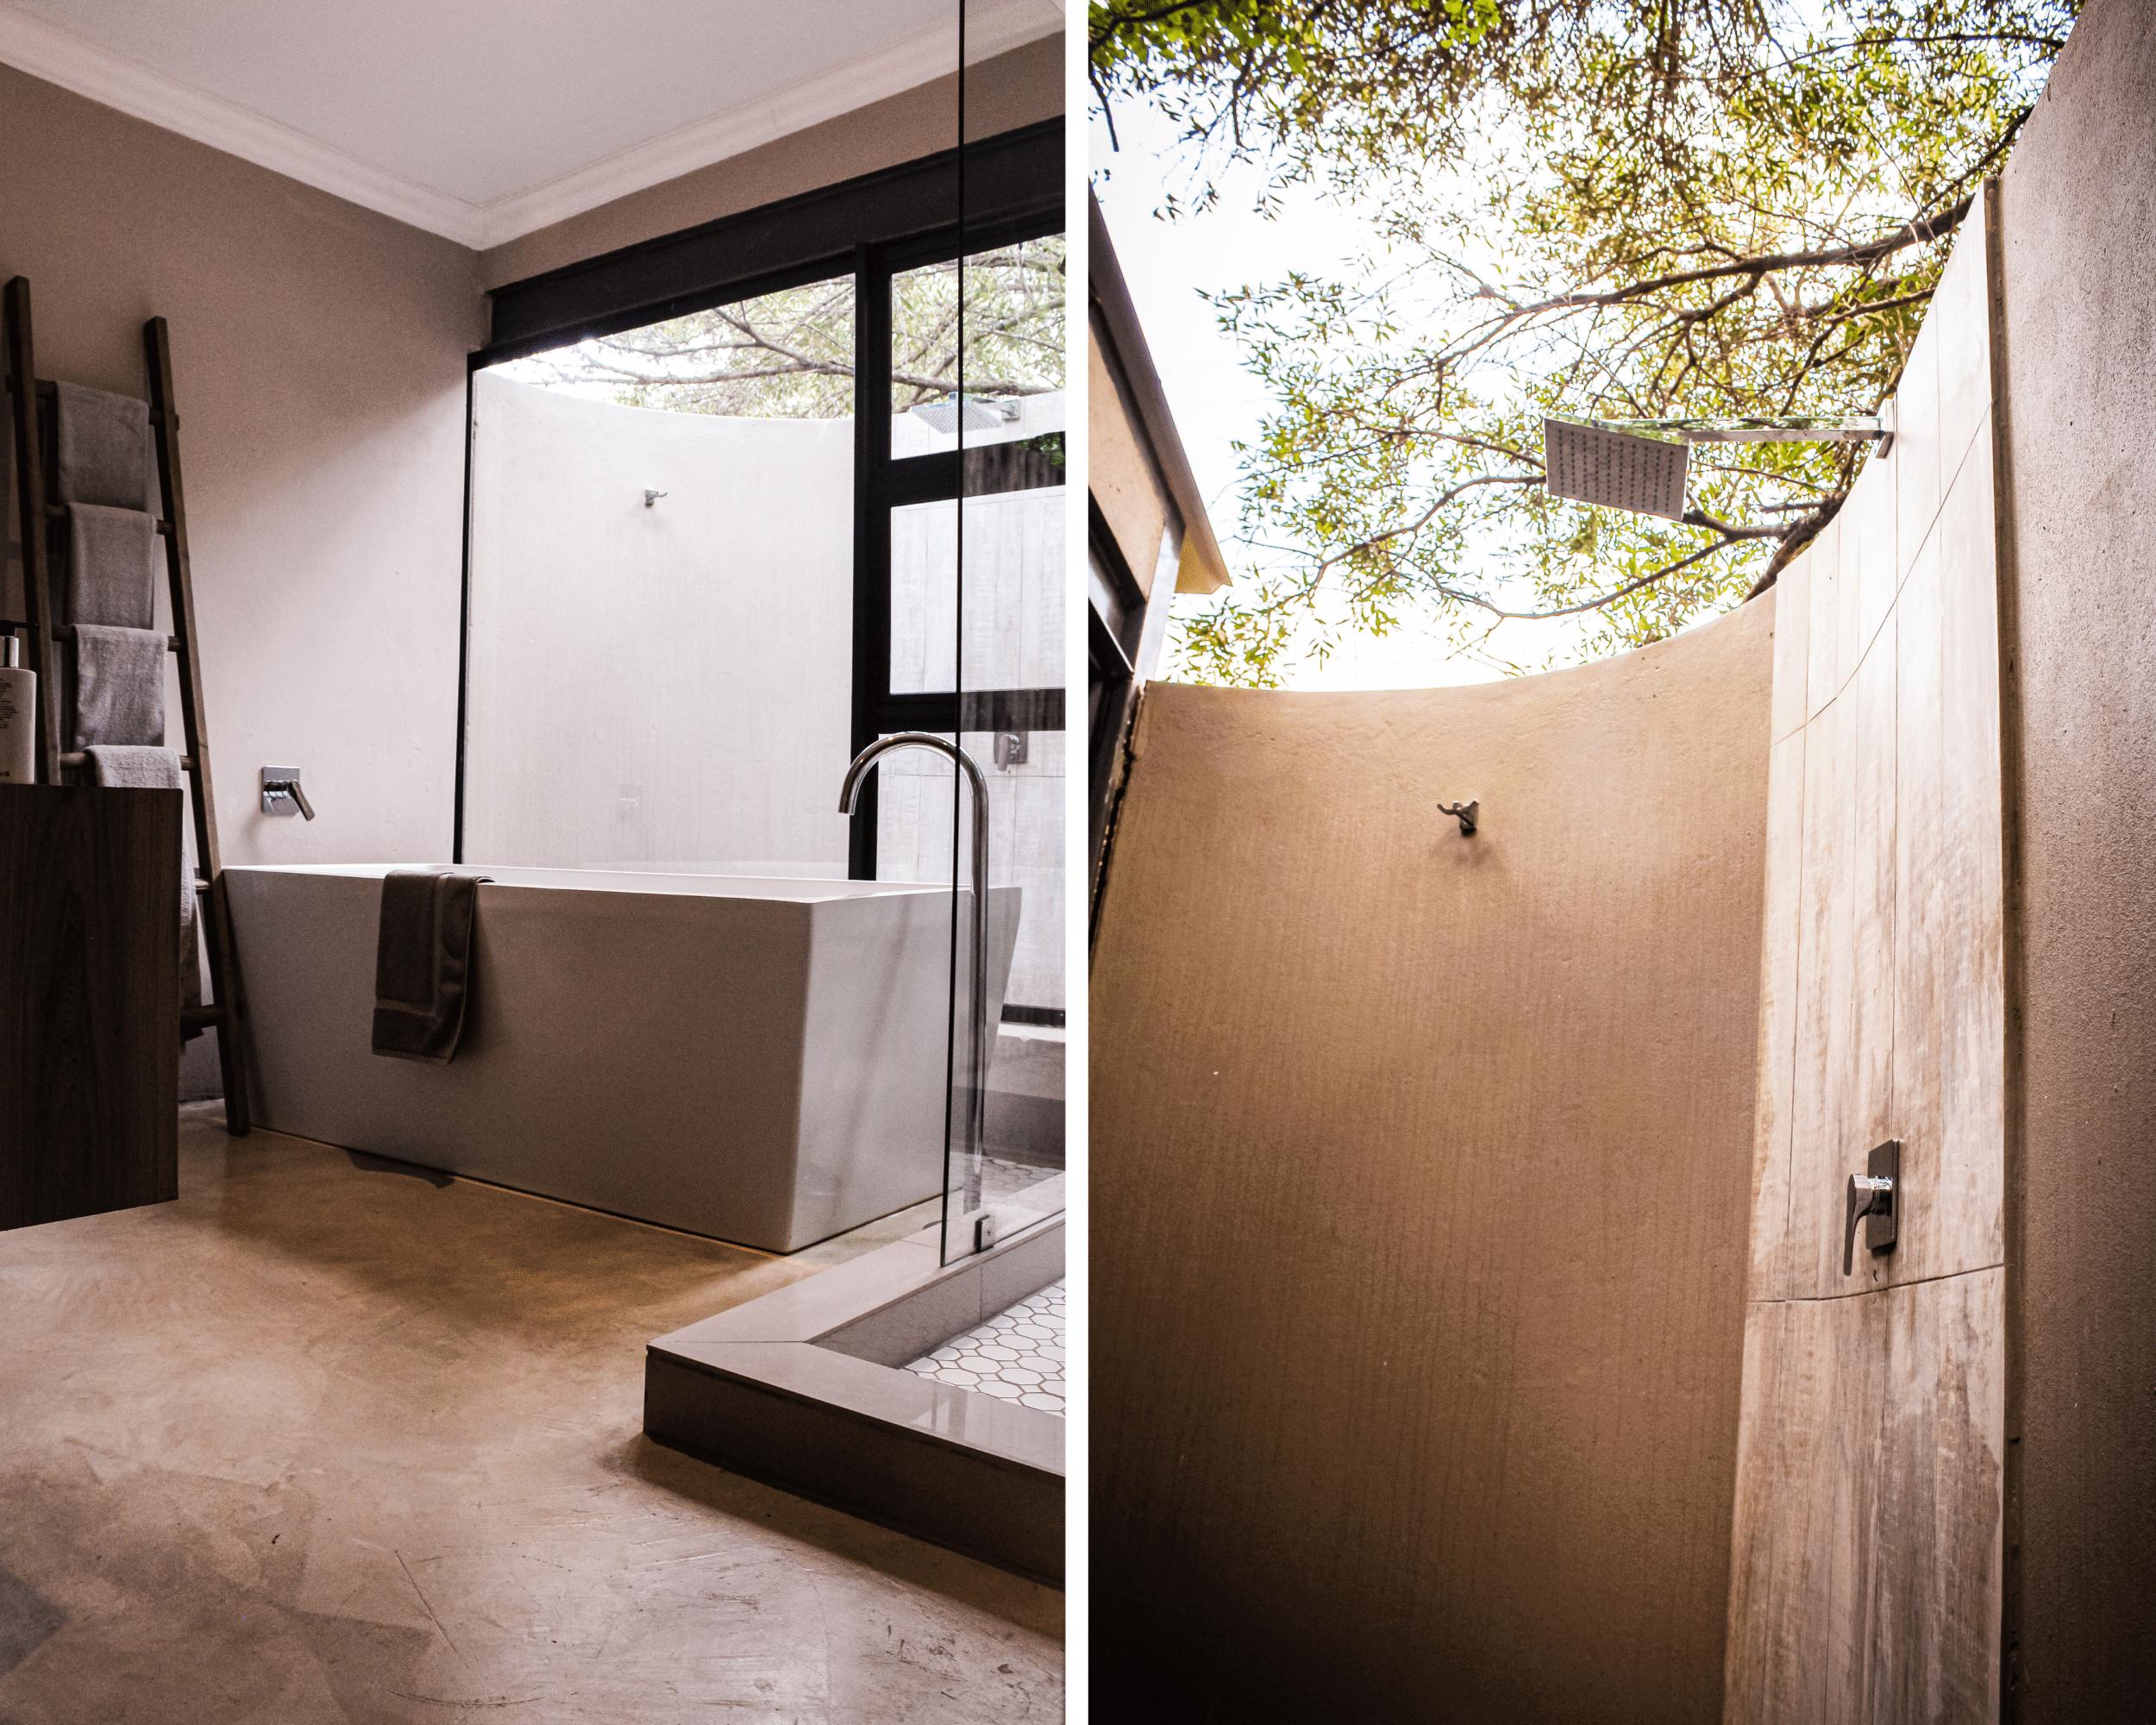 Couples Accommodation Near Gauteng